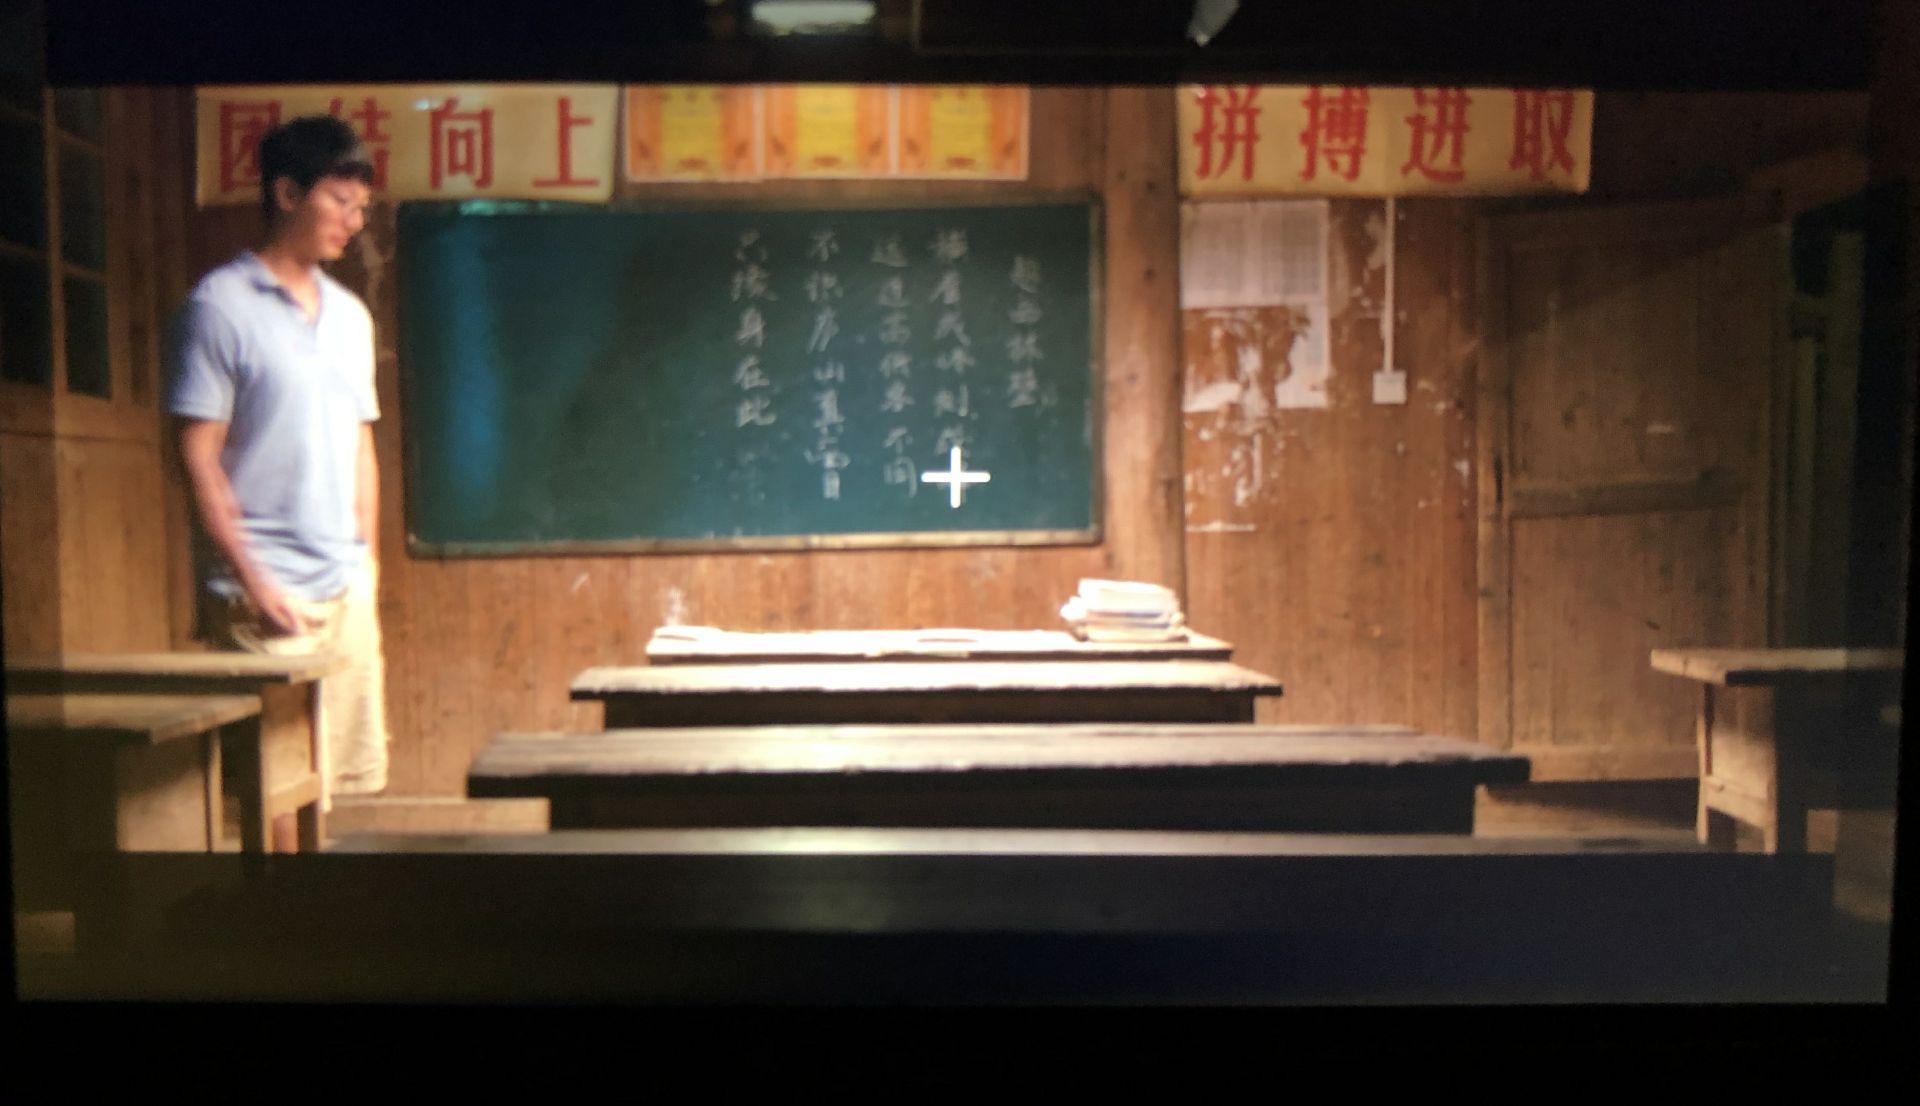 电影《阿浪的远方》剧情预告片mtv